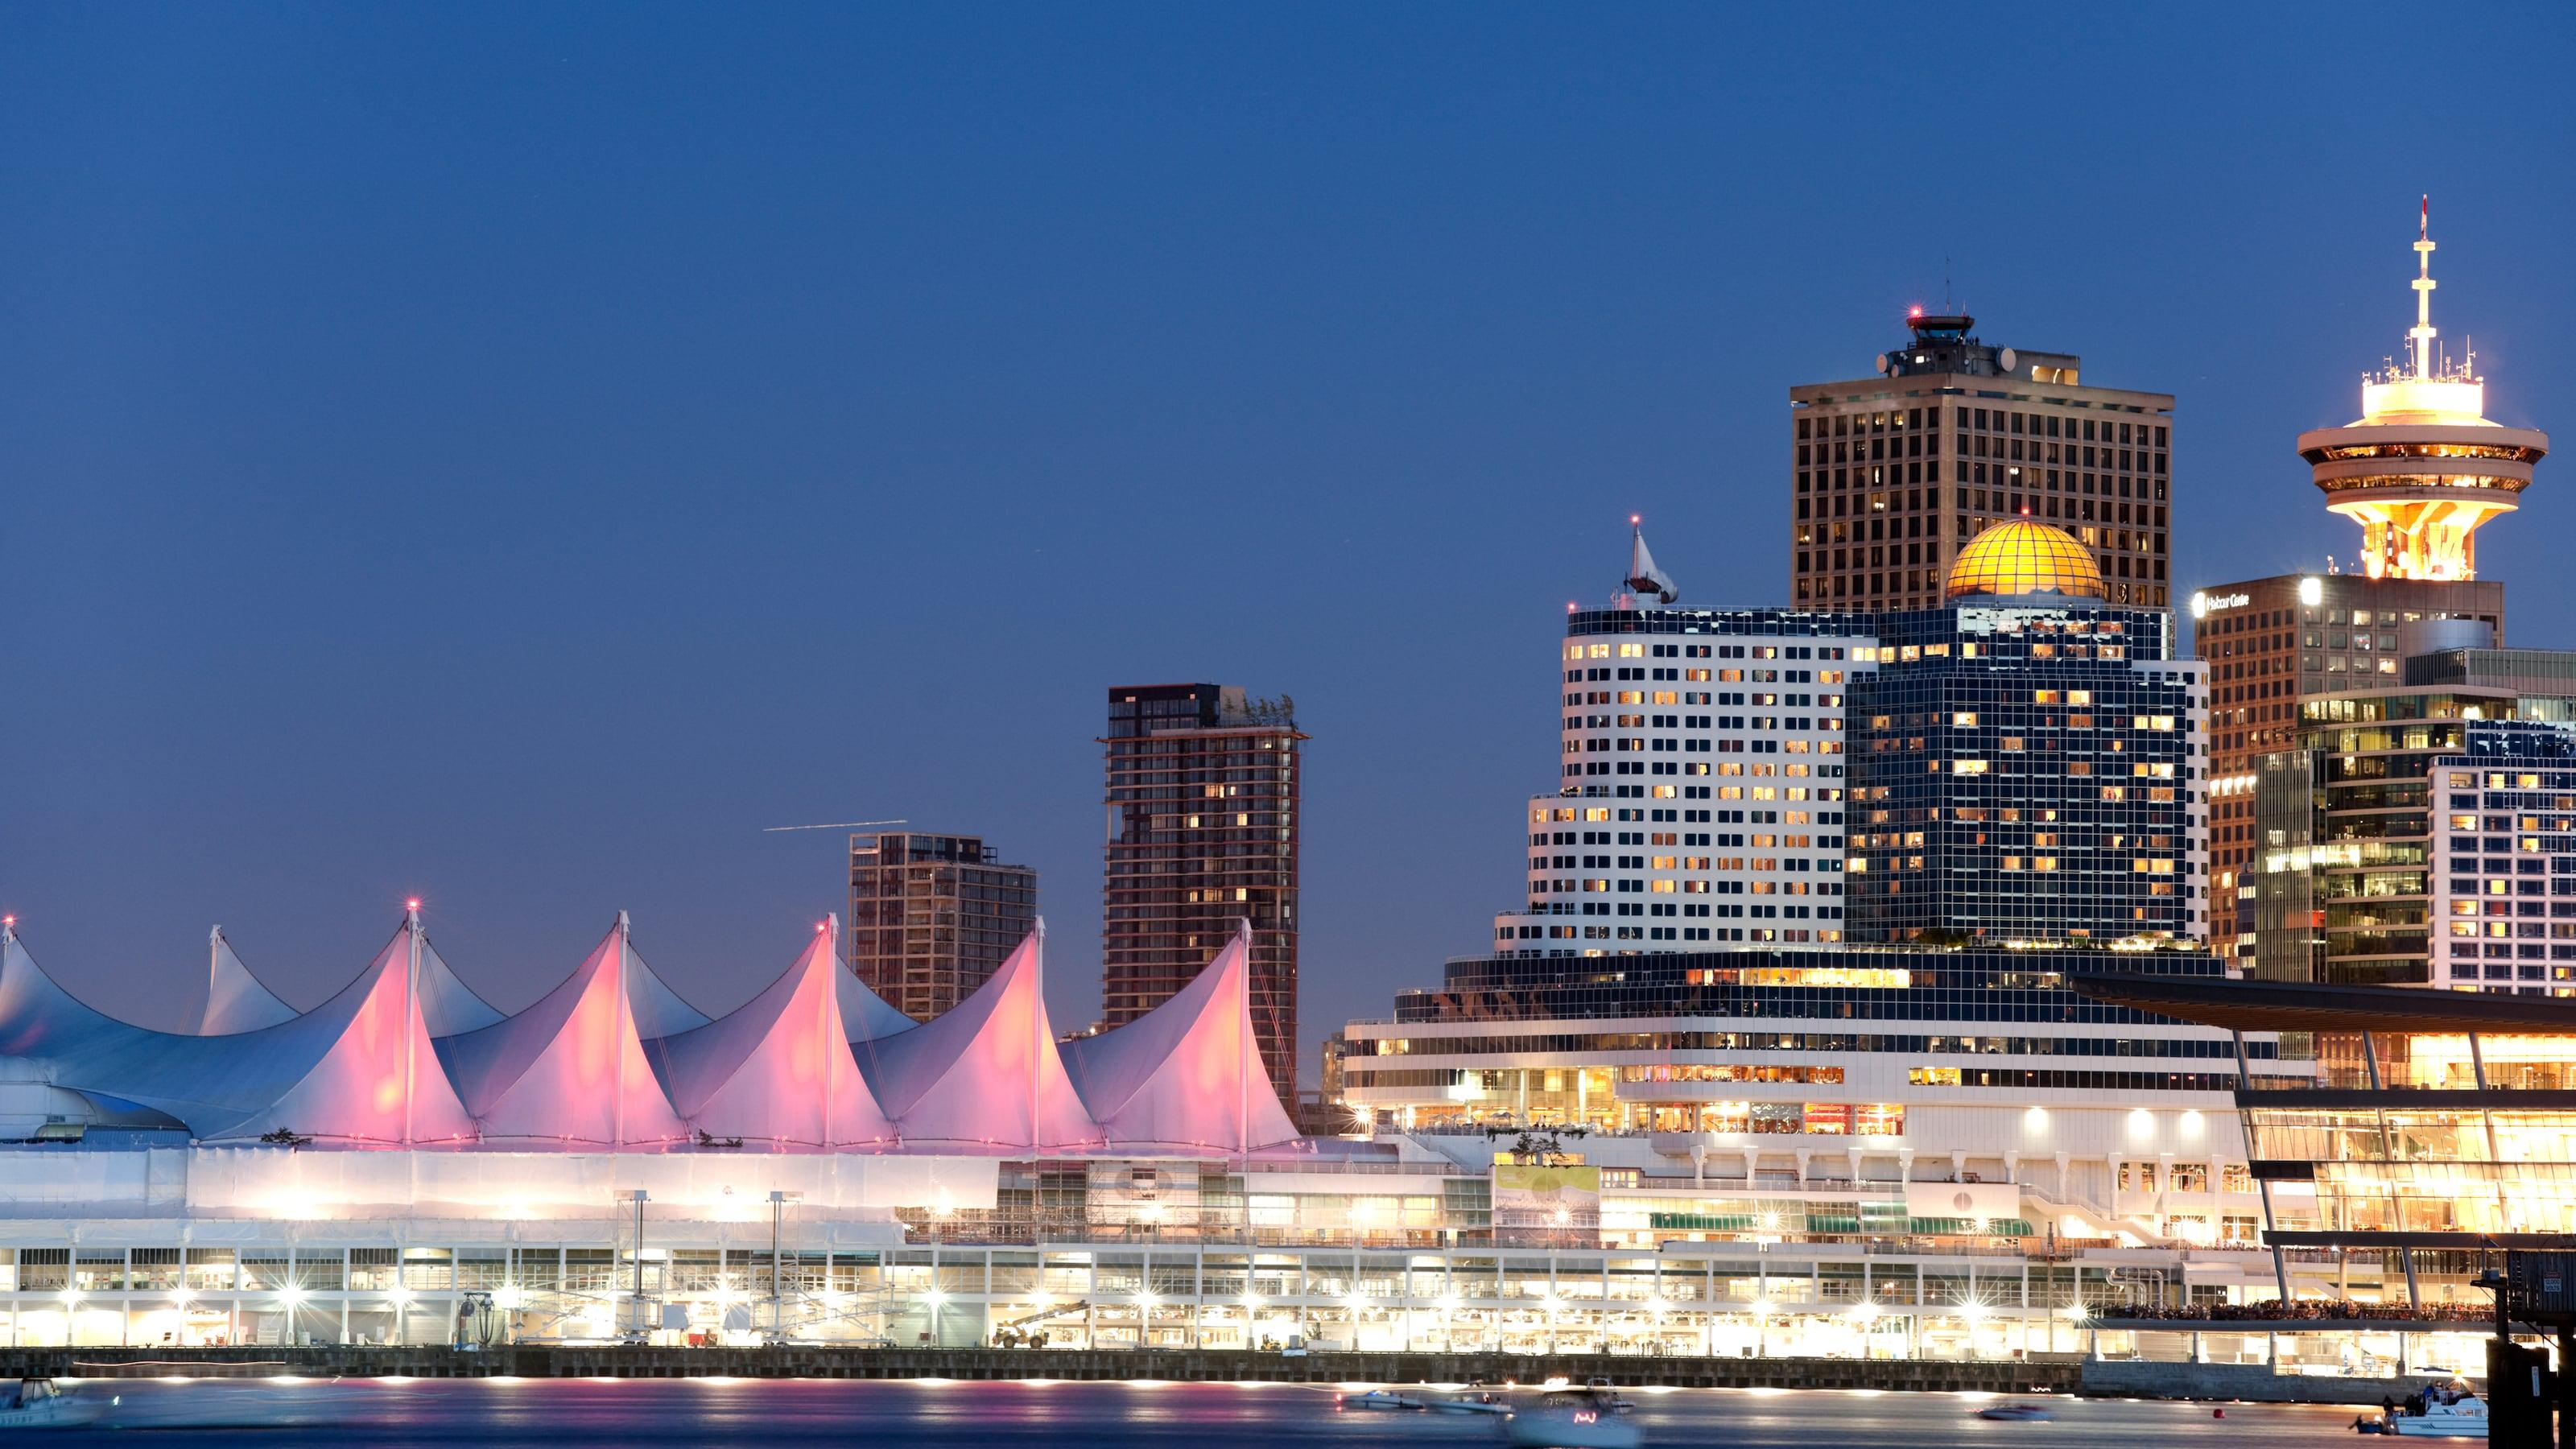 Une rangée de toits en forme de tente près du port de Vancouver, à côté de gratte-ciel, la nuit